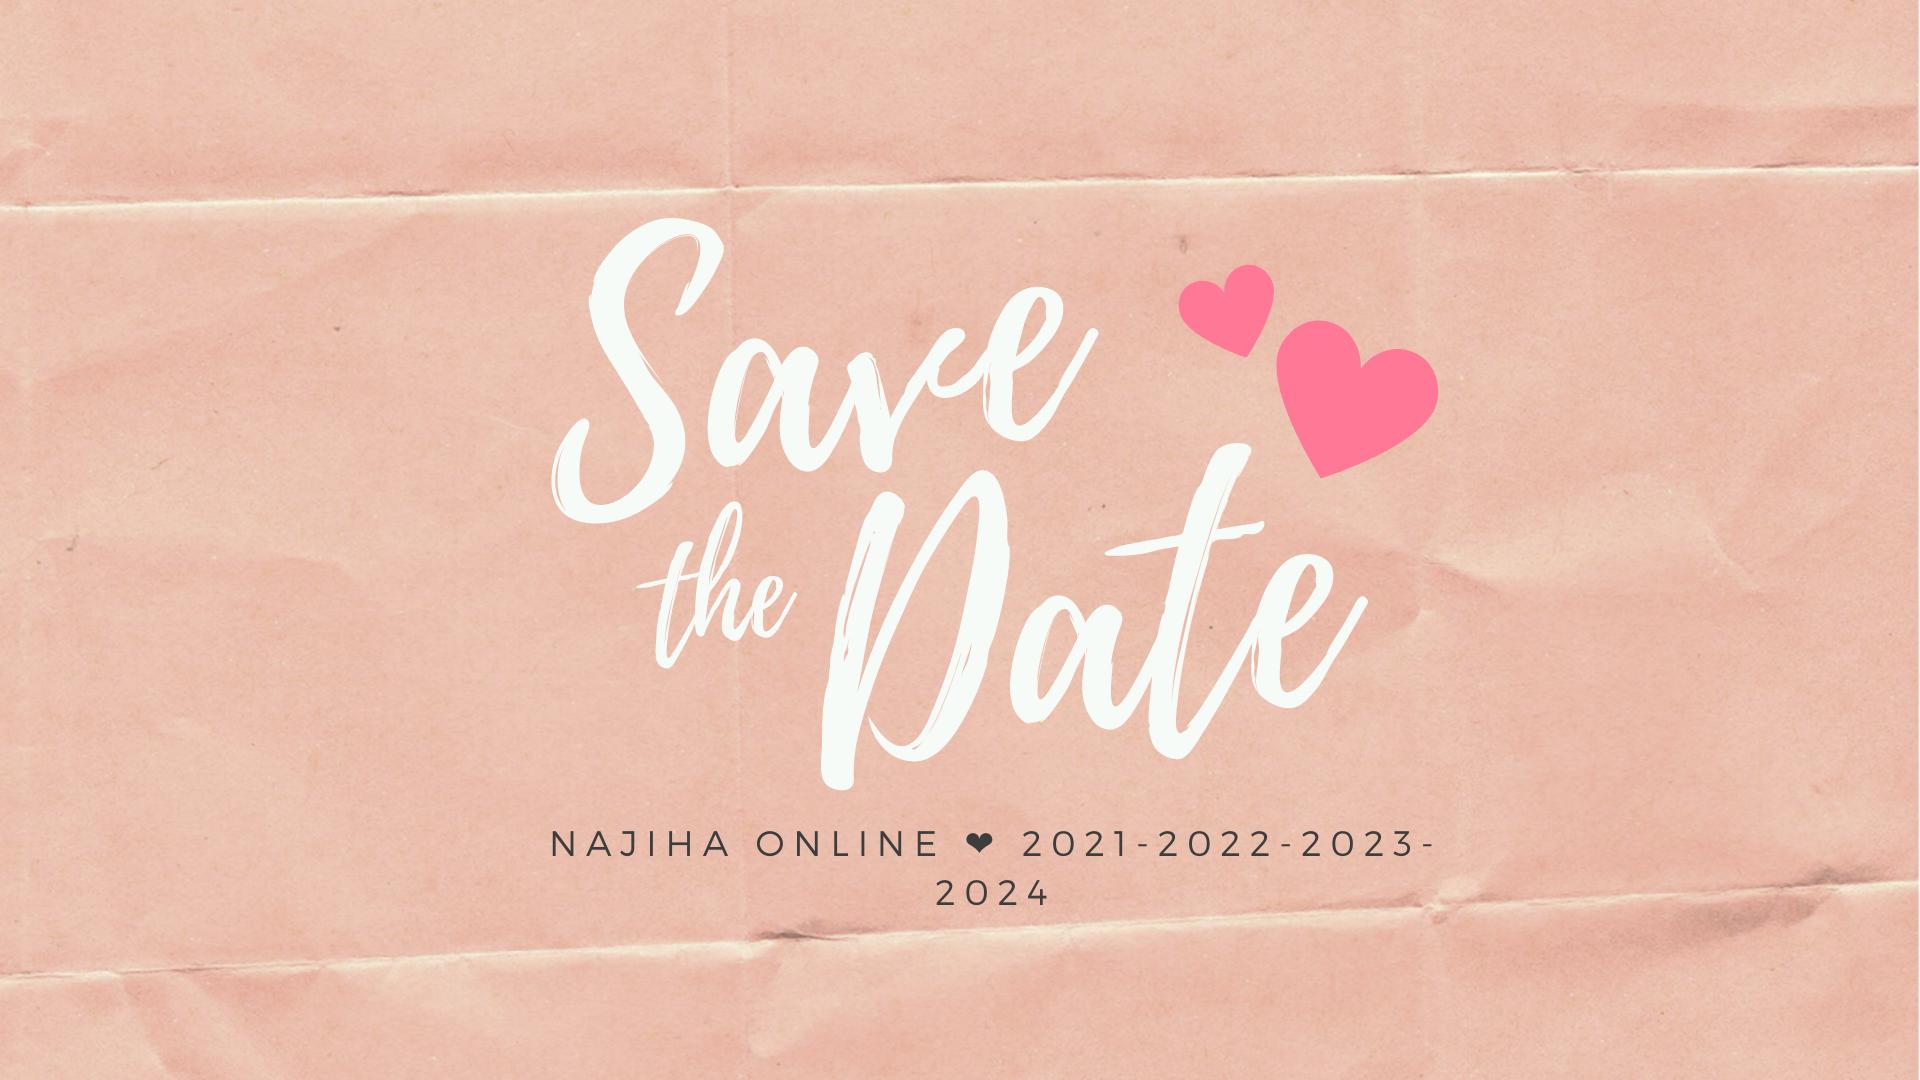 Najiha Online